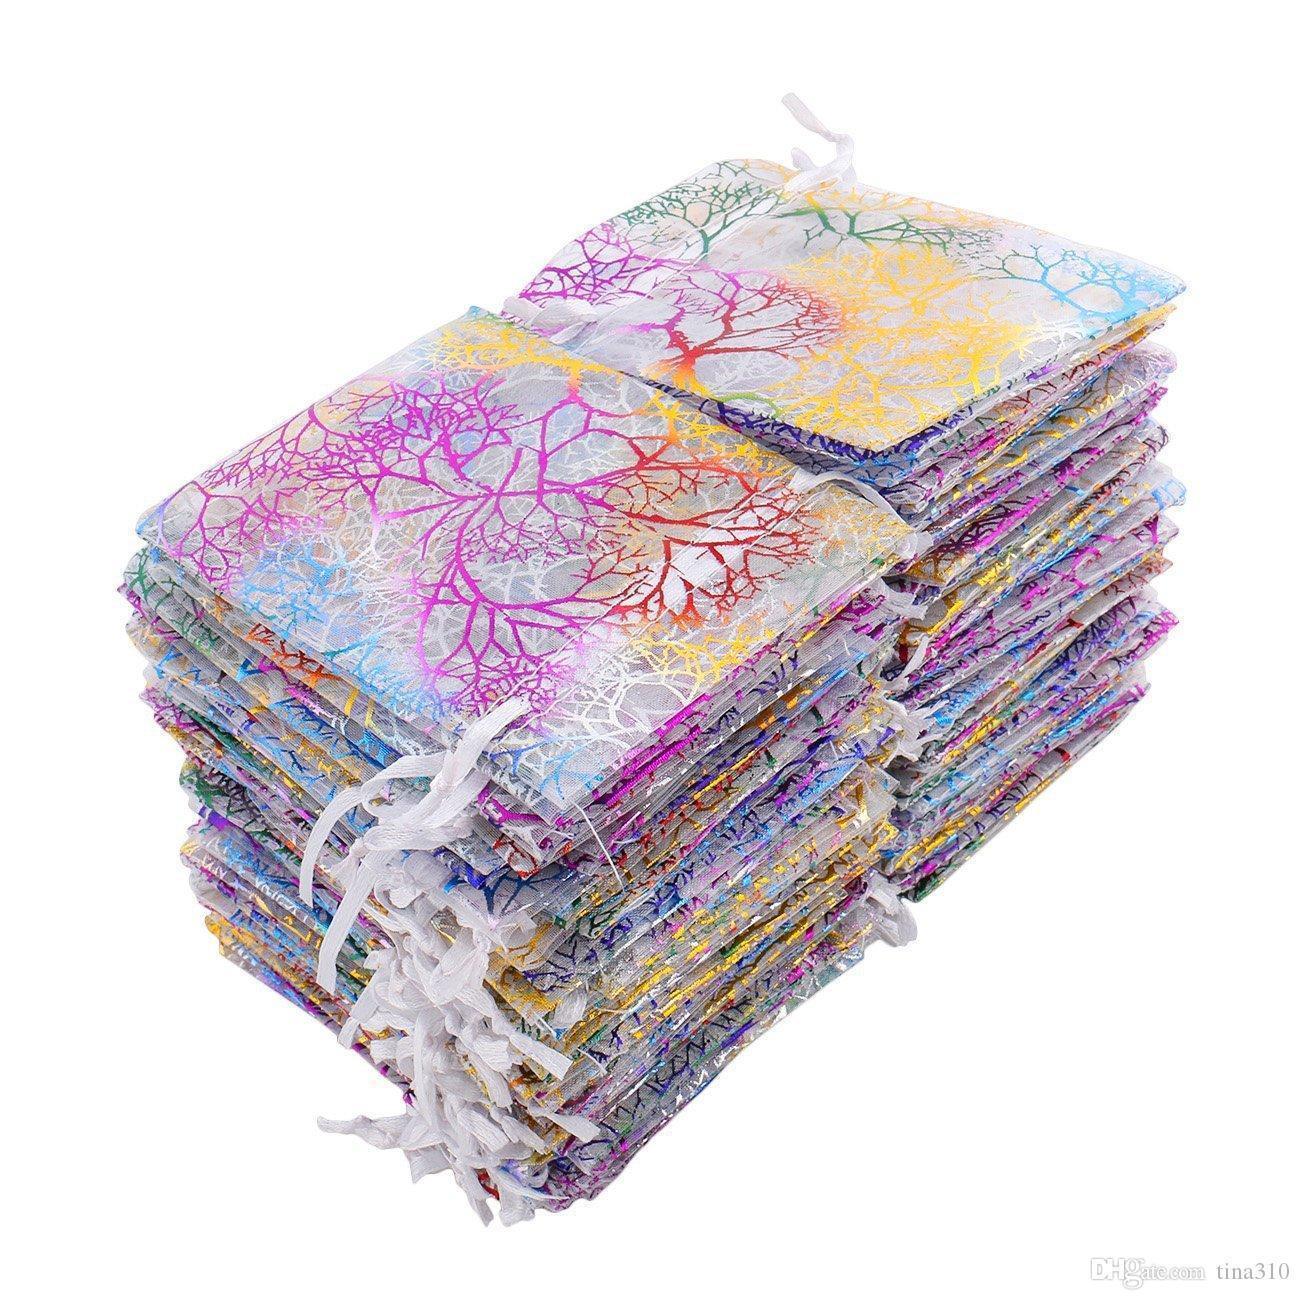 Горячие продажи 9 * 12 см коралловый узор подарочная пряжа сумка Луч порт марлевый мешок орнамент упаковка сумка бытовые принадлежности T3I0038